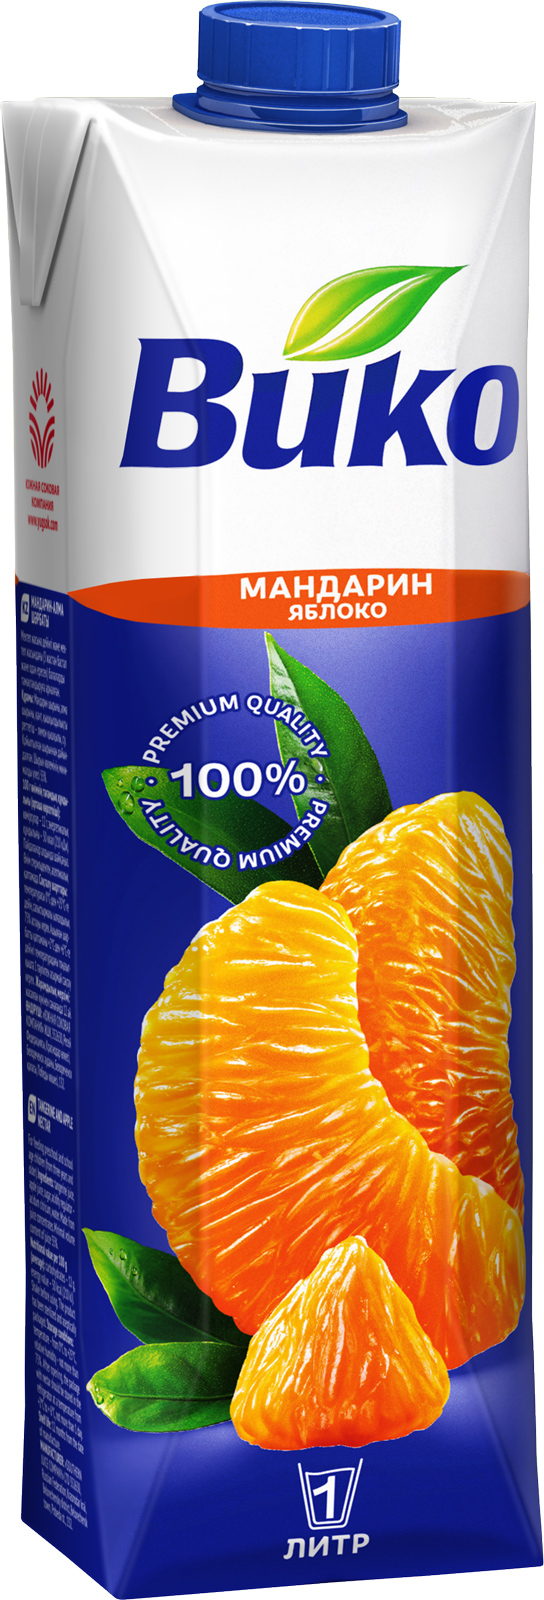 Нектар Вико мандариново-яблочный,1 л